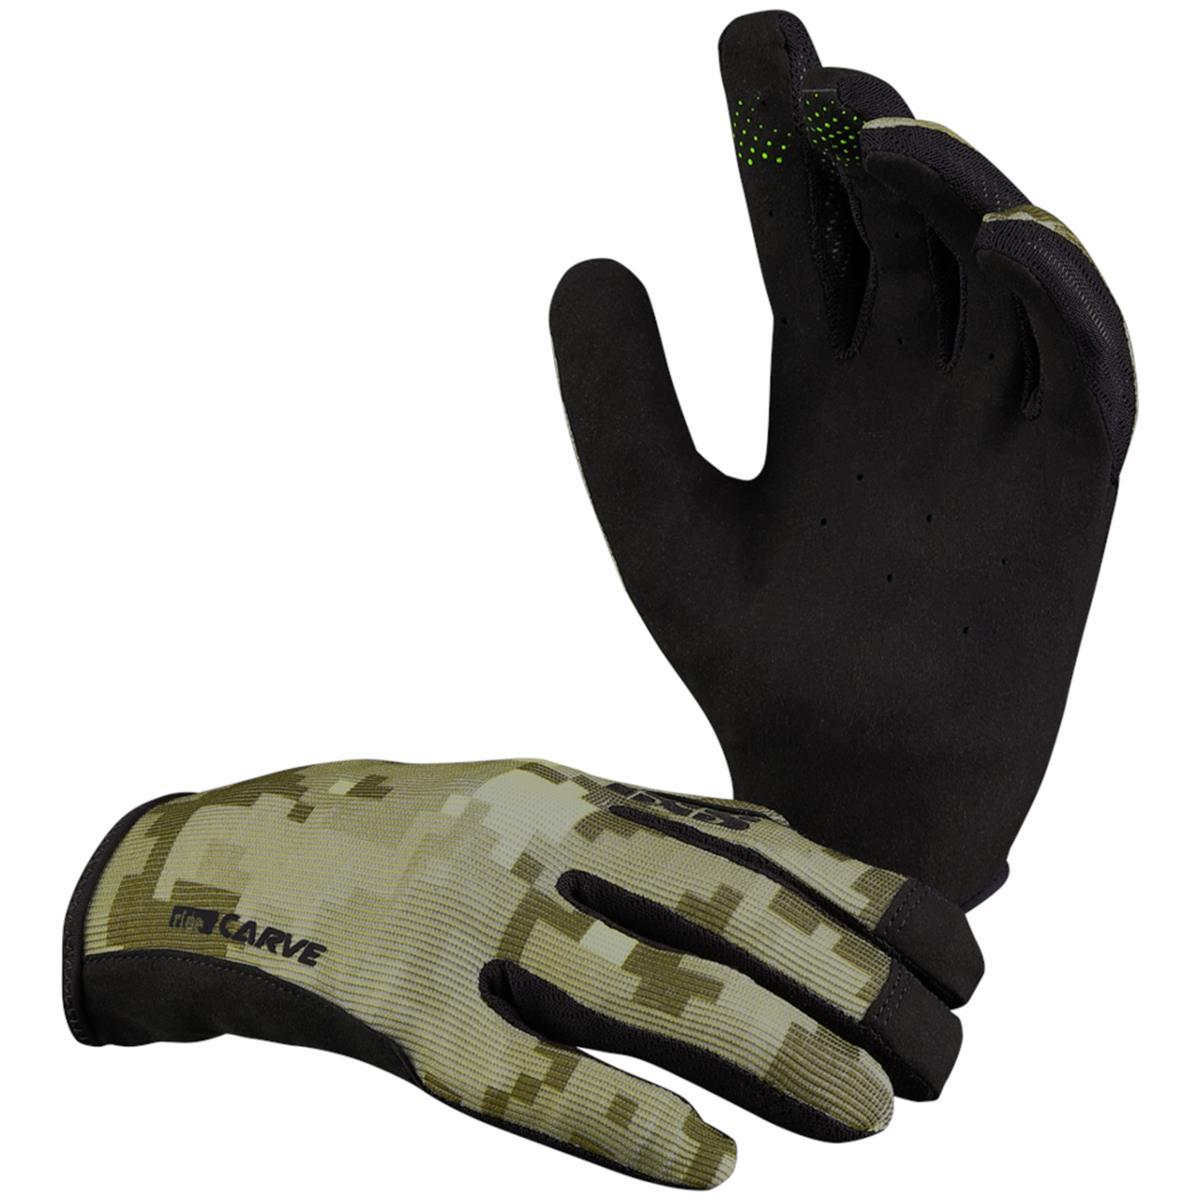 IXS Bike-Handschuhe Bike-Handschuhe Bike-Handschuhe Carve Camel Camo | Qualität und Verbraucher an erster Stelle  f84112